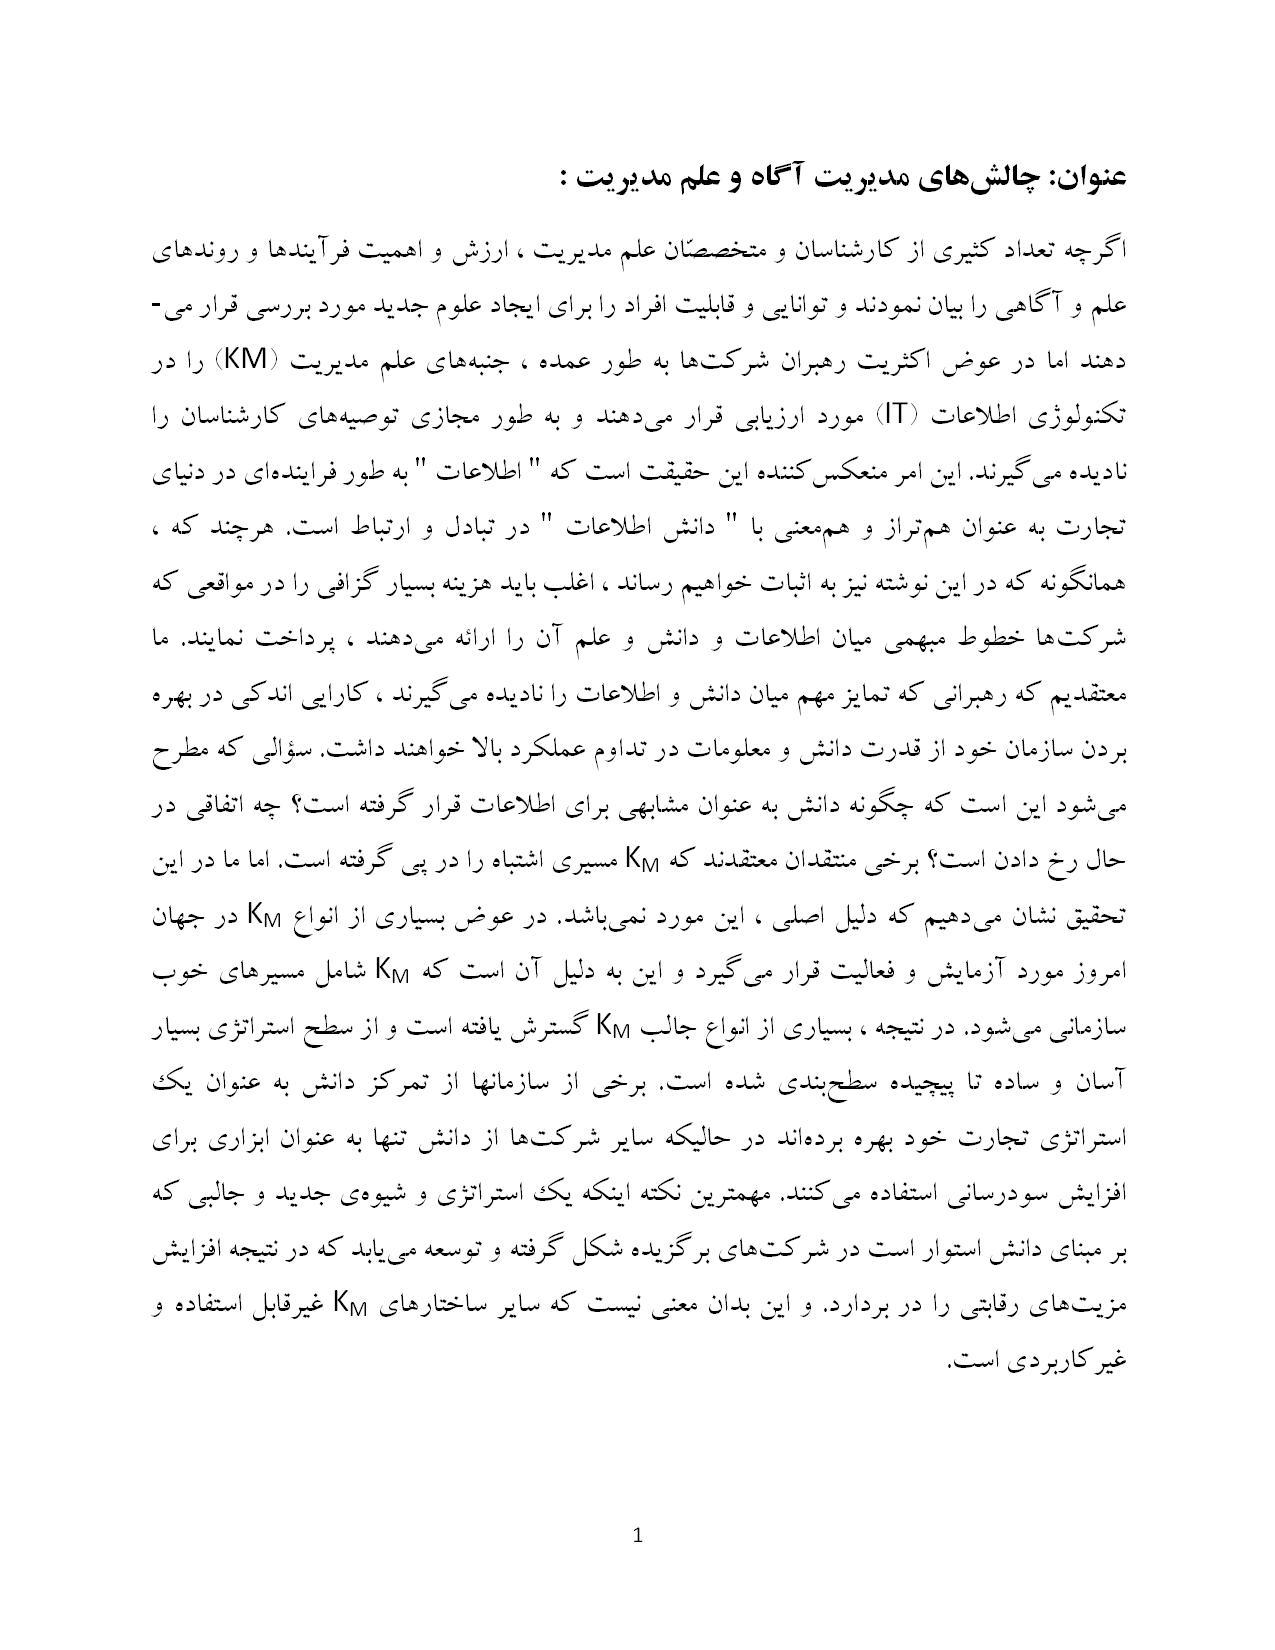 ترجمه مقاله و تحقیق - چالش هاي مديريت آگاه و علم مديريت  30